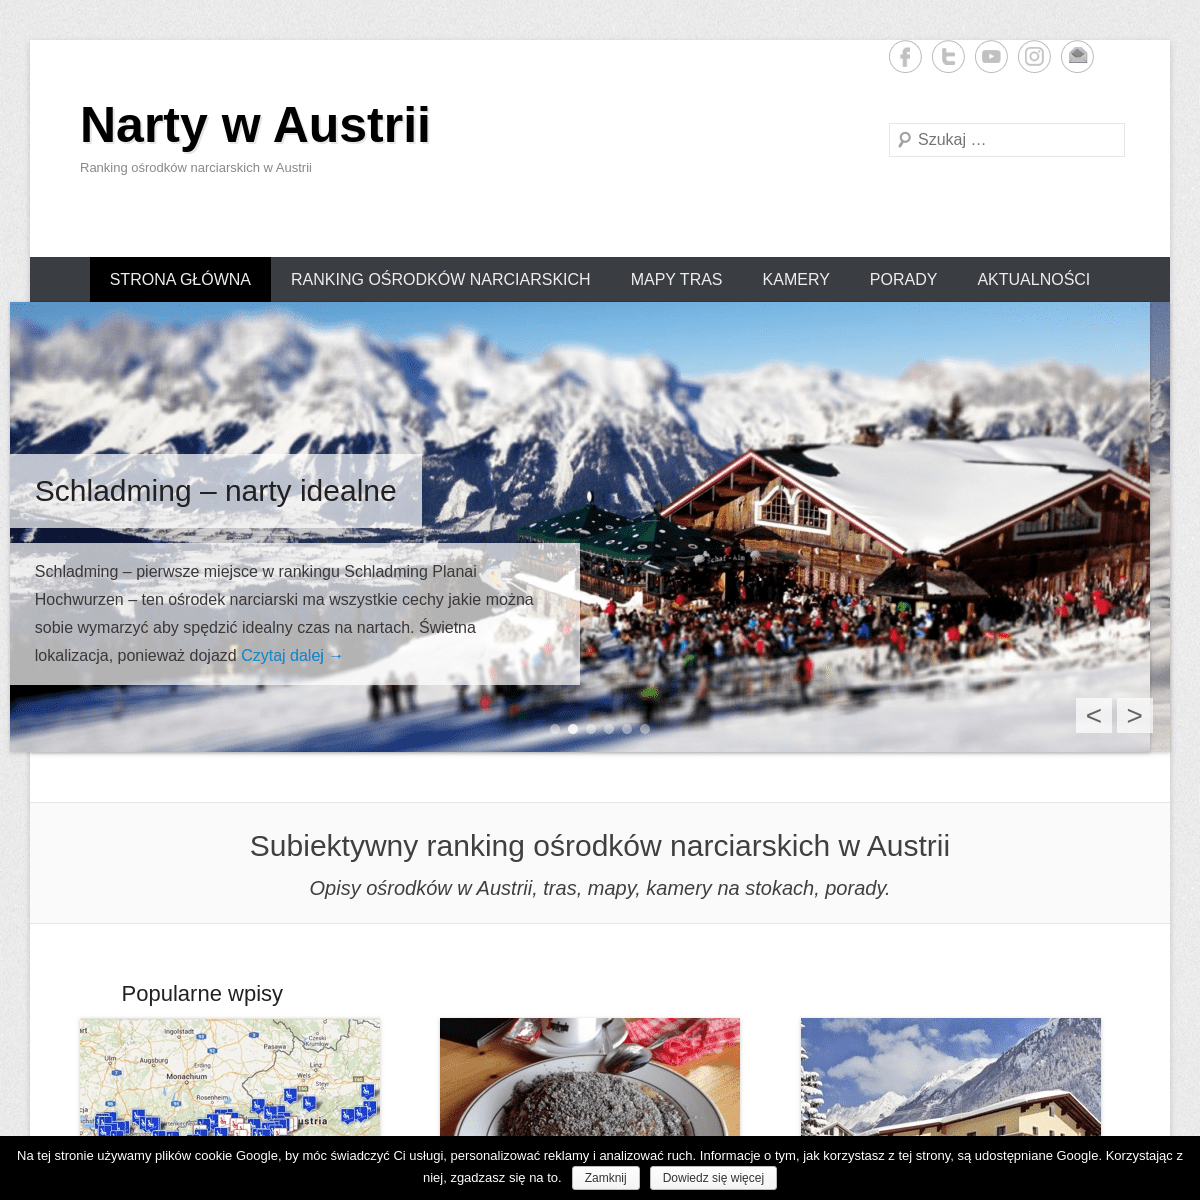 Narty w Austrii - Ranking ośrodków narciarskich w Austrii